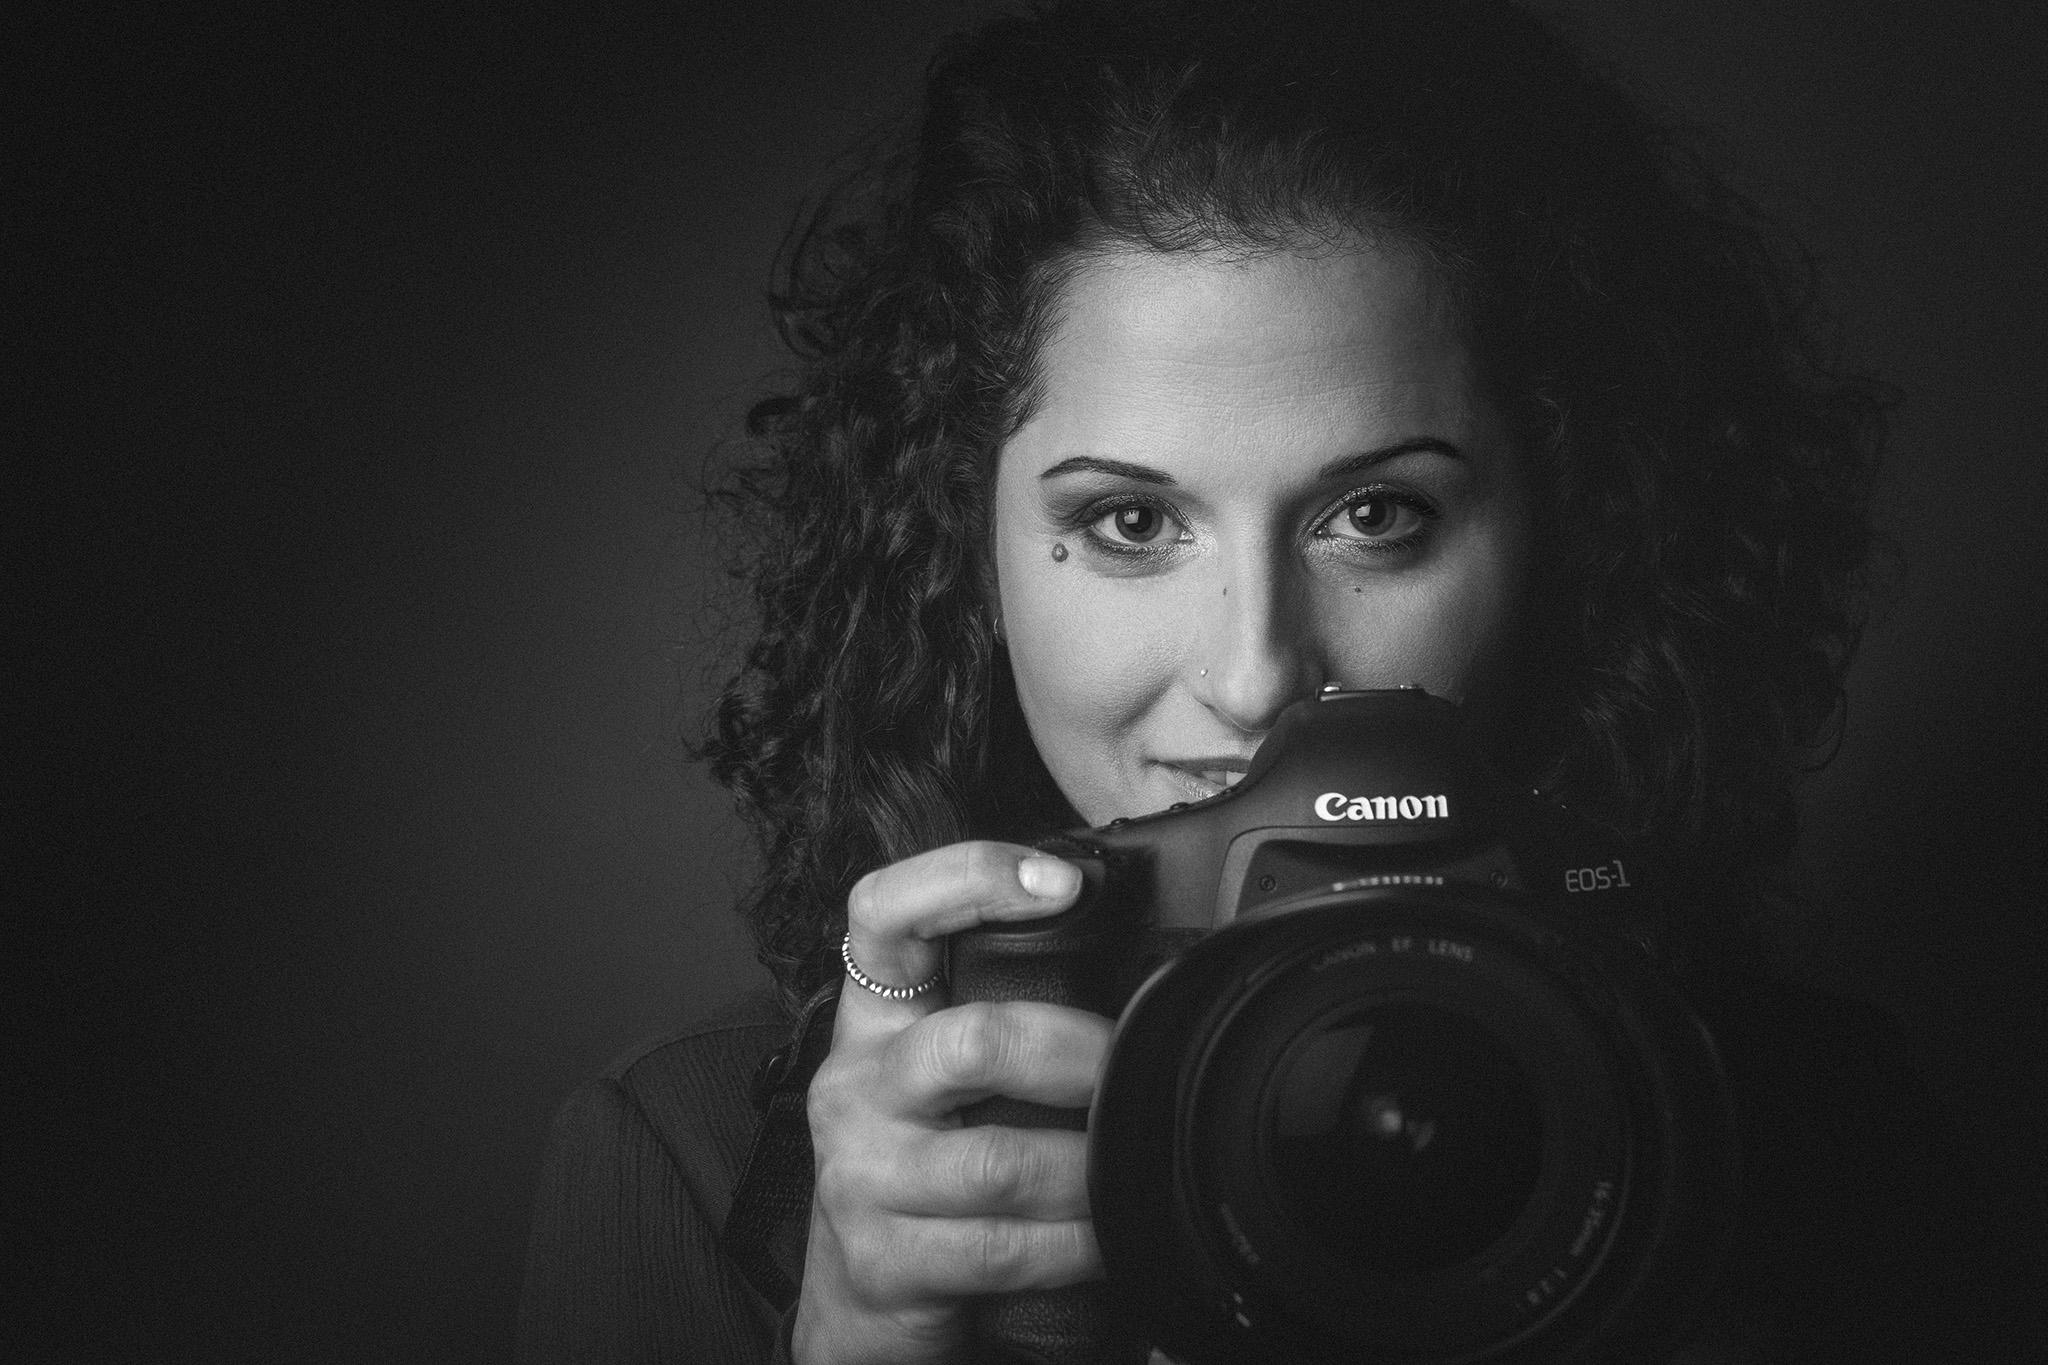 Chi scatta? Un bel pomeriggio in compagnia della nostra amica e collega Alessandra Mango  MUA: Monica Maturo  Canon EOS-1Ds Mark III - EF 24-70mm f/2.8L USM